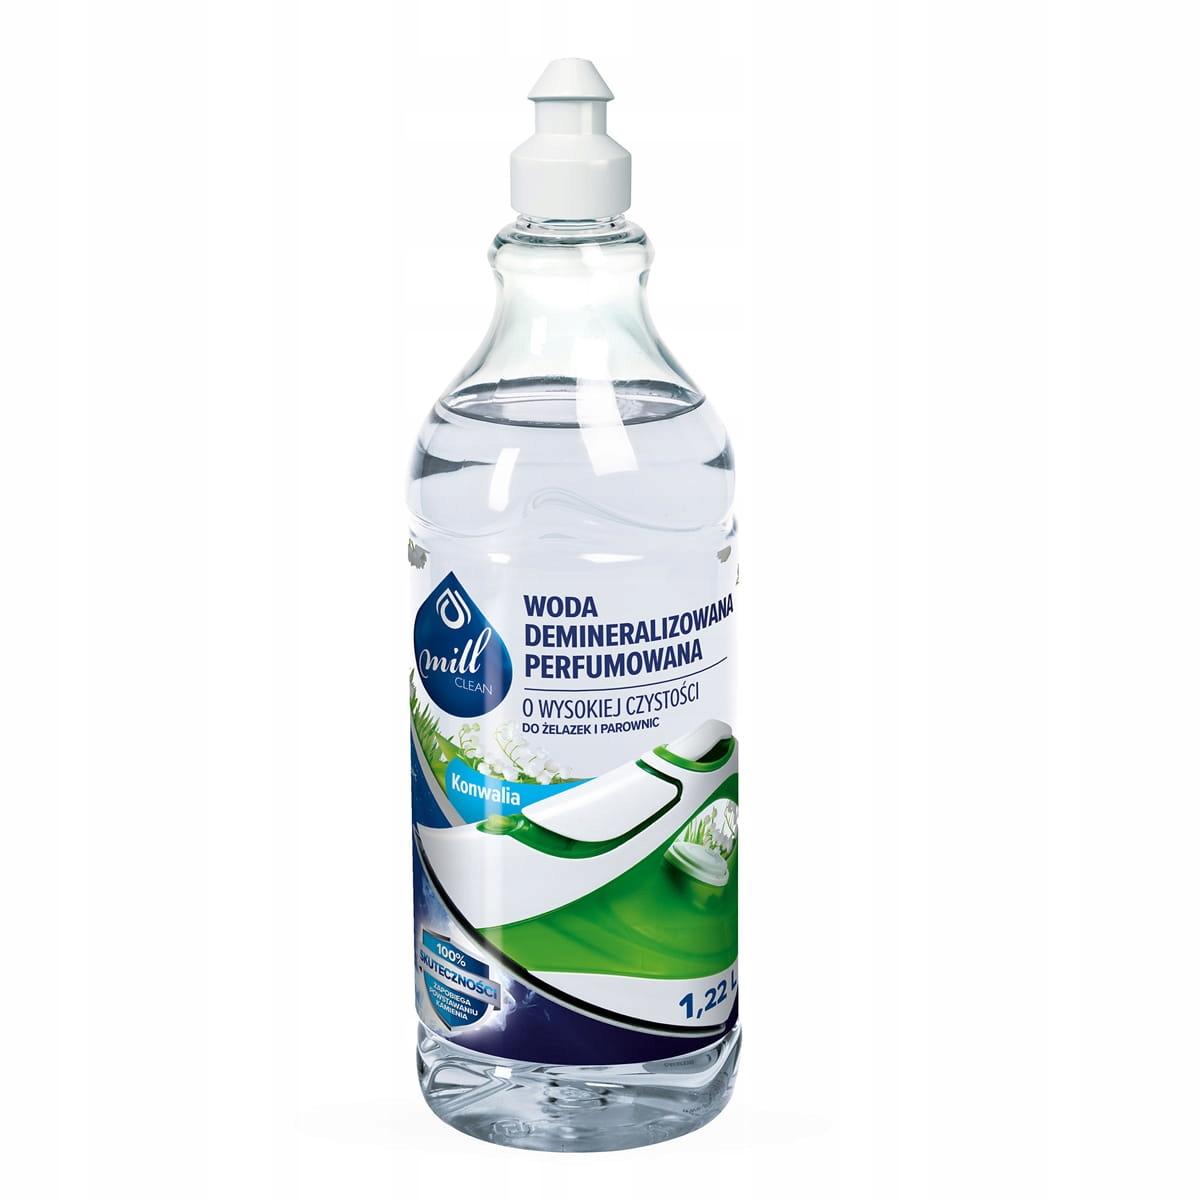 Деминерализованная вода для утюгов ландыша